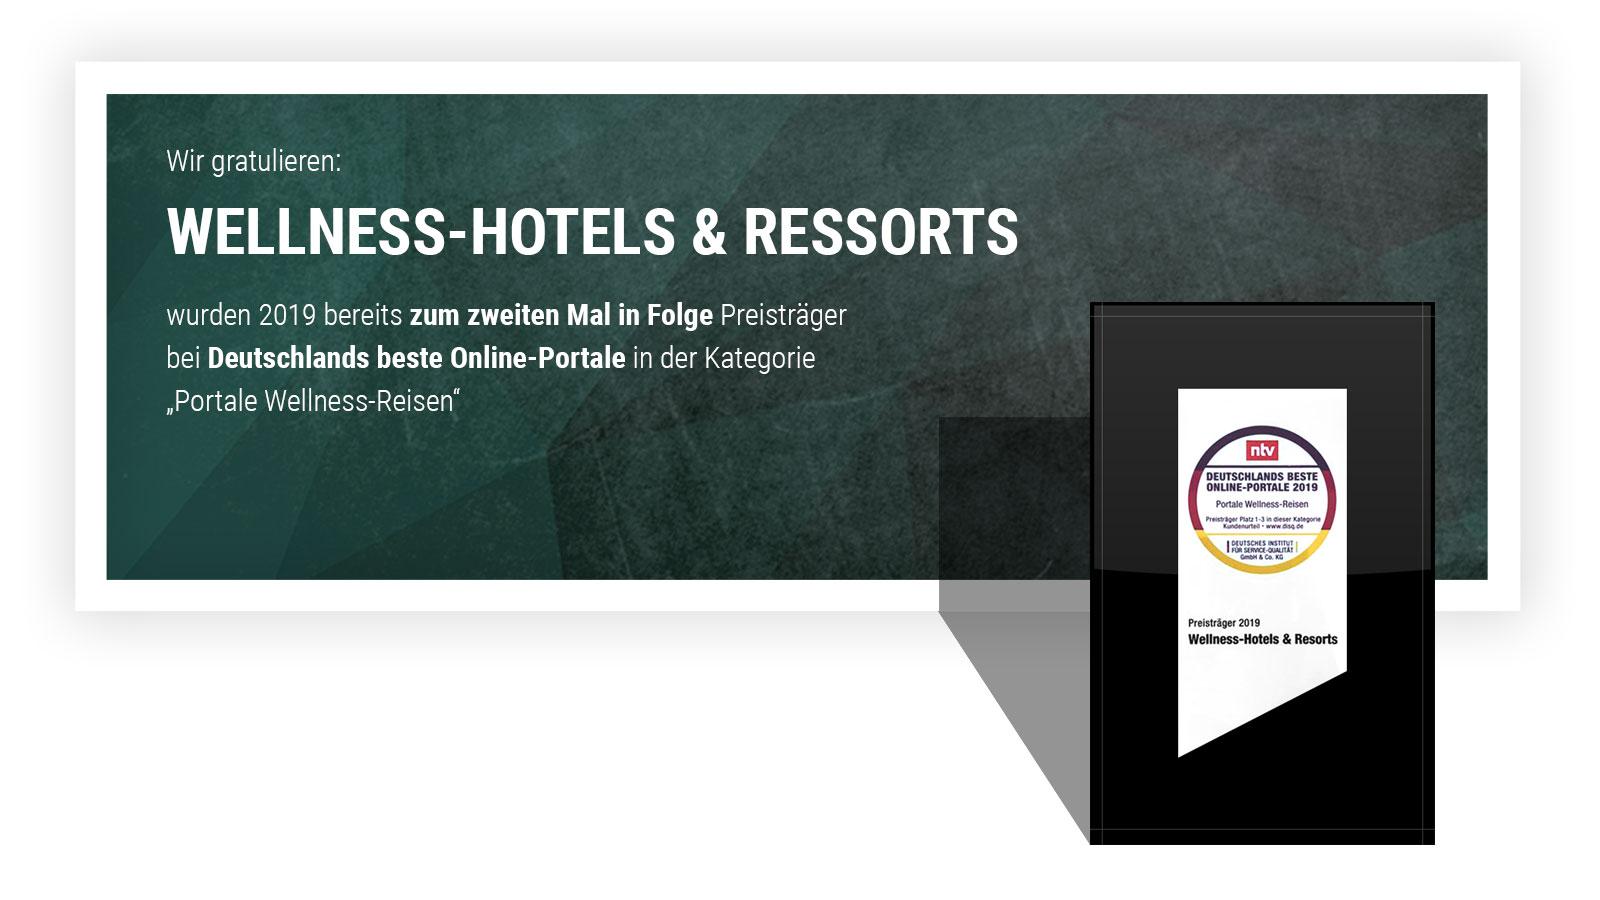 Wellnesshotels- und Resorts, eins von Deutschlands Besten Online-Portalen 2019